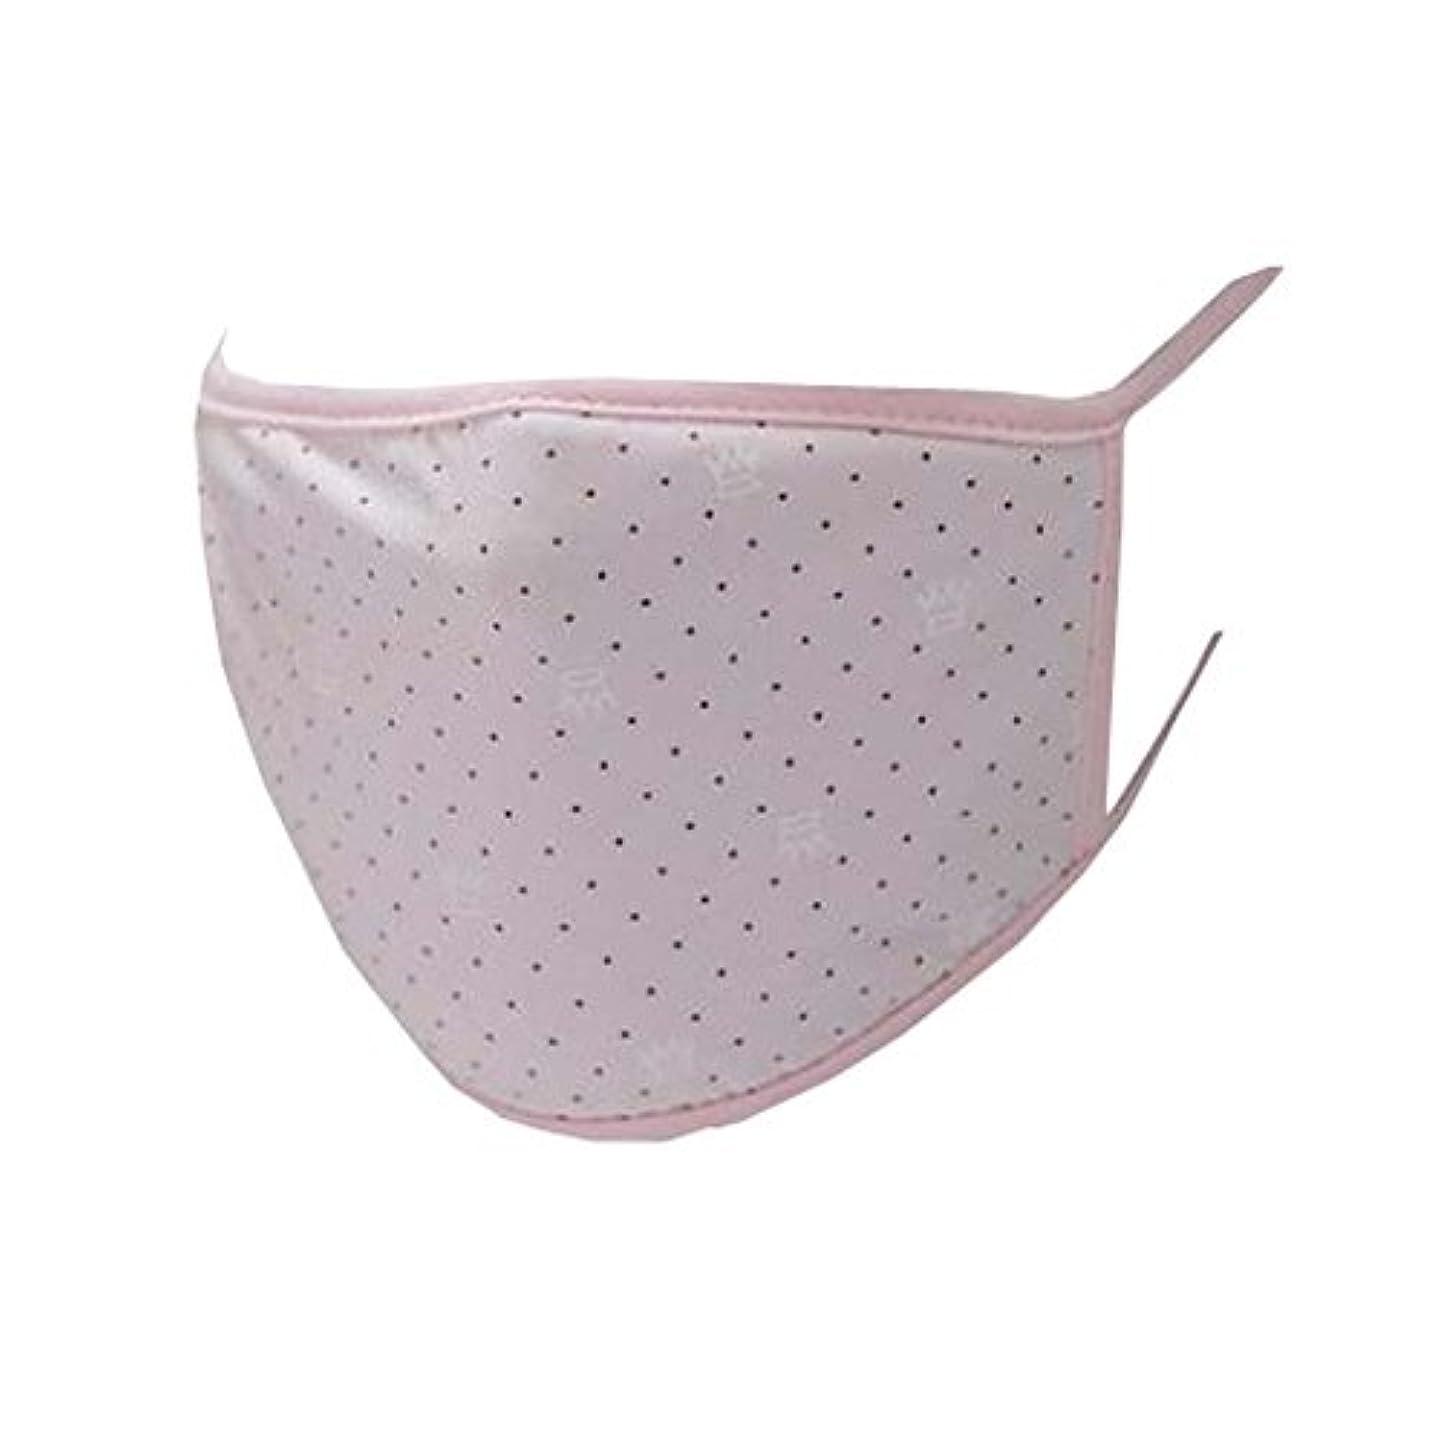 文献外科医任命する口マスク、再使用可能フィルター - 埃、花粉、アレルゲン、抗UV、およびインフルエンザ菌 - A